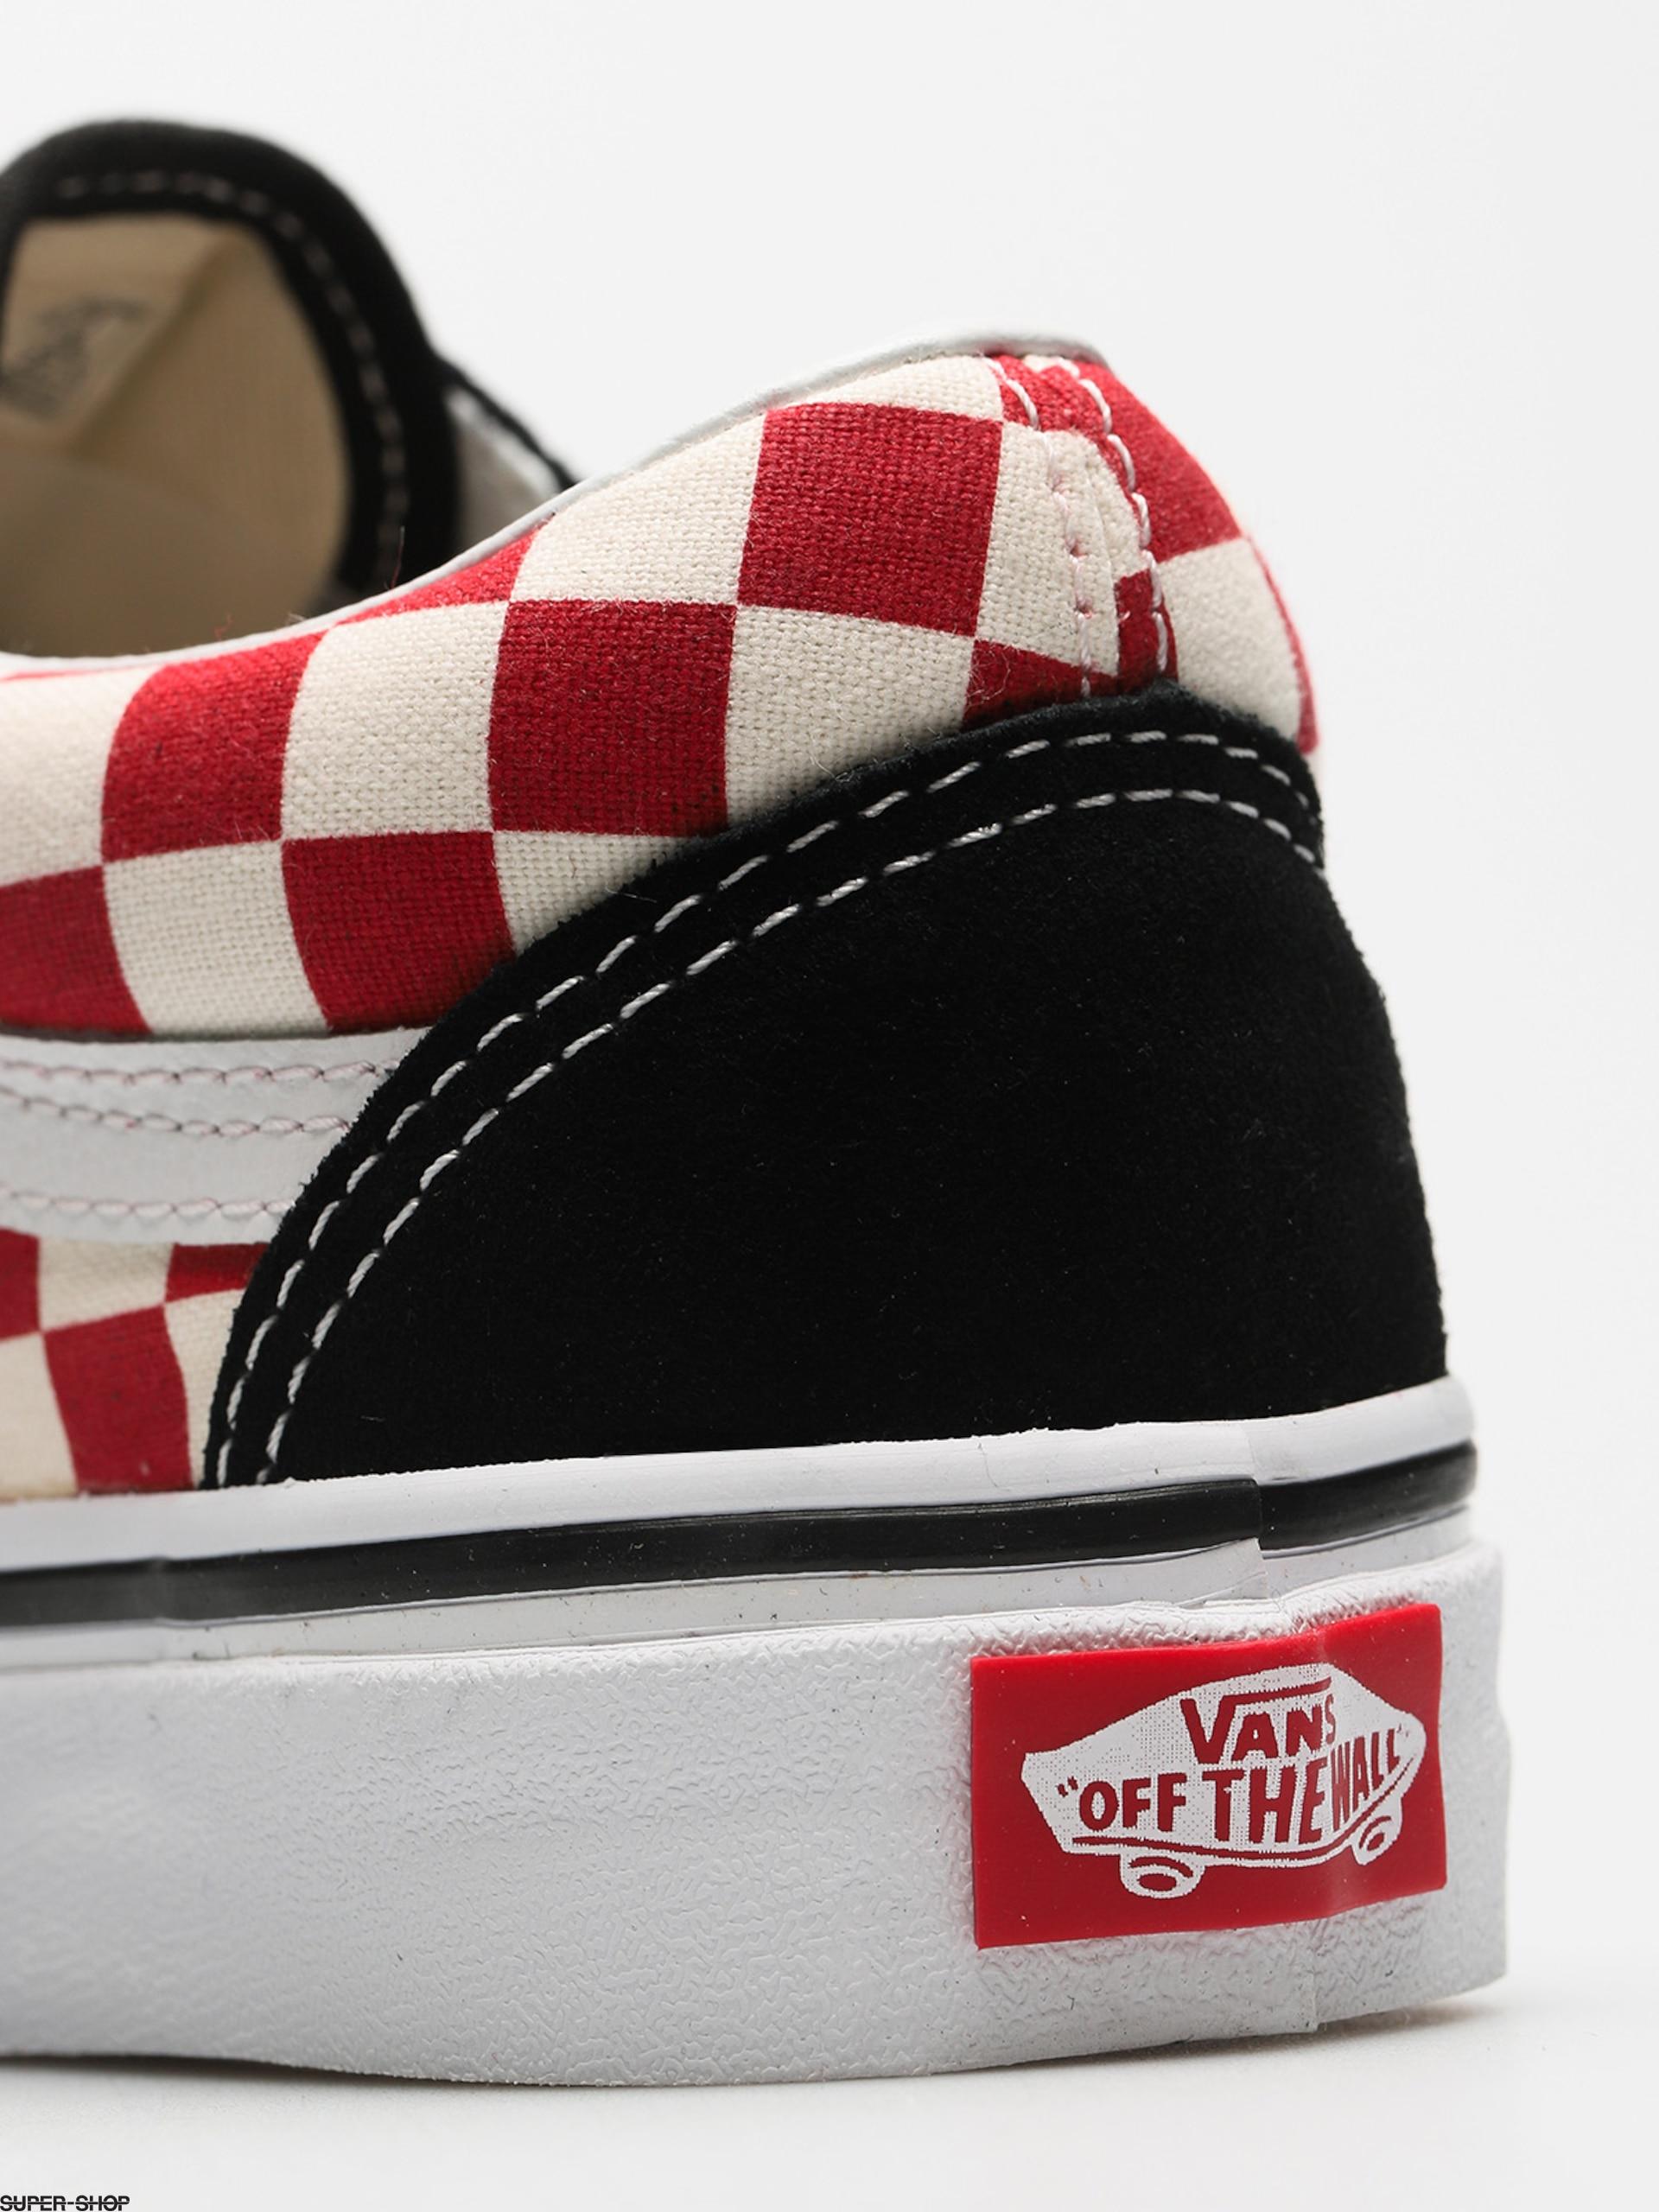 Vans Shoes Old Skool (checkerboard black red) 546585c56